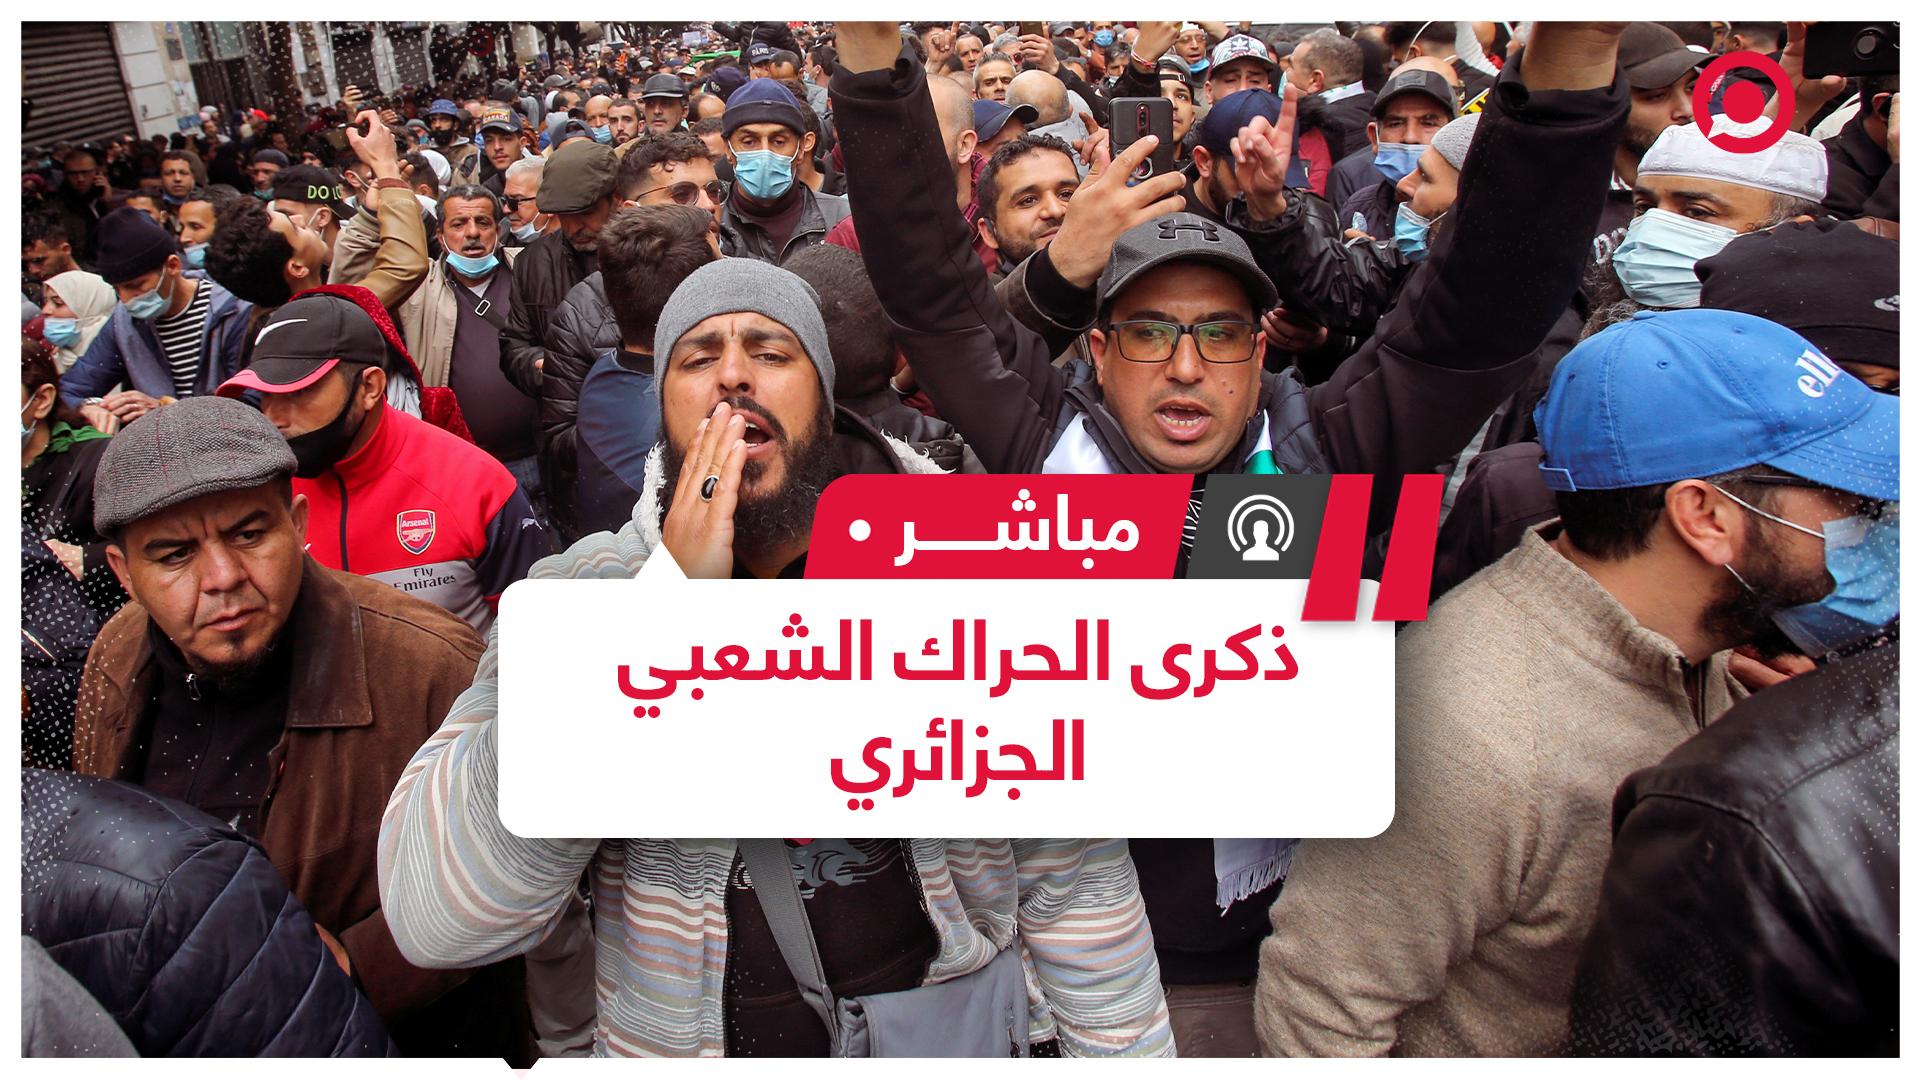 في الذكرى الثانية للحراك الشعبي الجزائري مظاهرات في العاصمة وعدة مدن أخرى